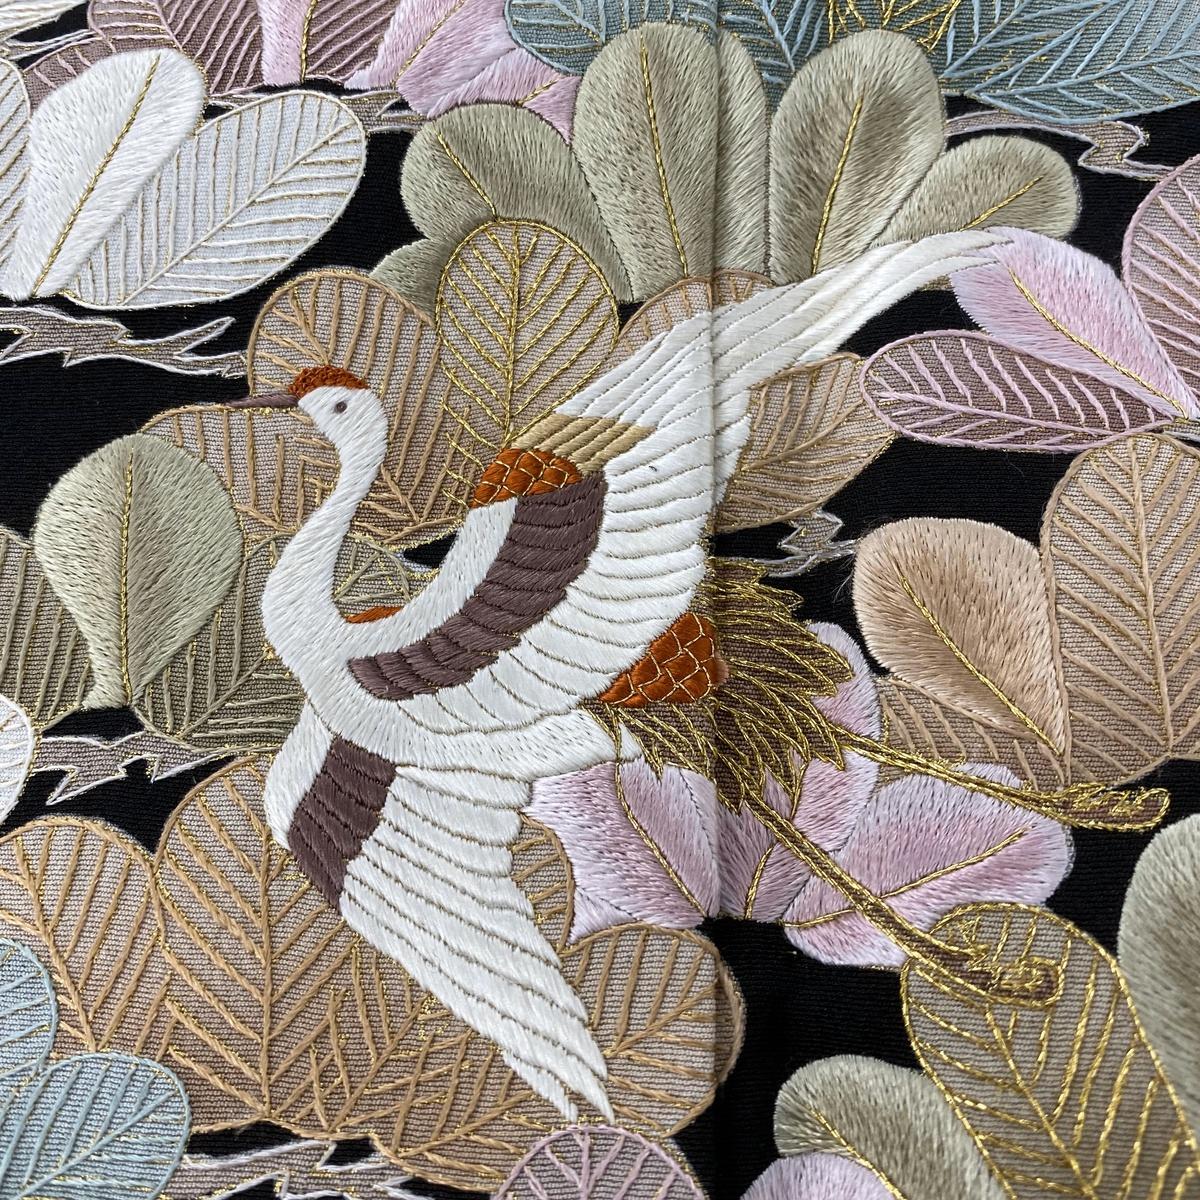 黒留袖 美品 逸品 鶴 松 刺繍 金糸 黒 袷 身丈161cm 裄丈65cm M 正絹hCstQdr